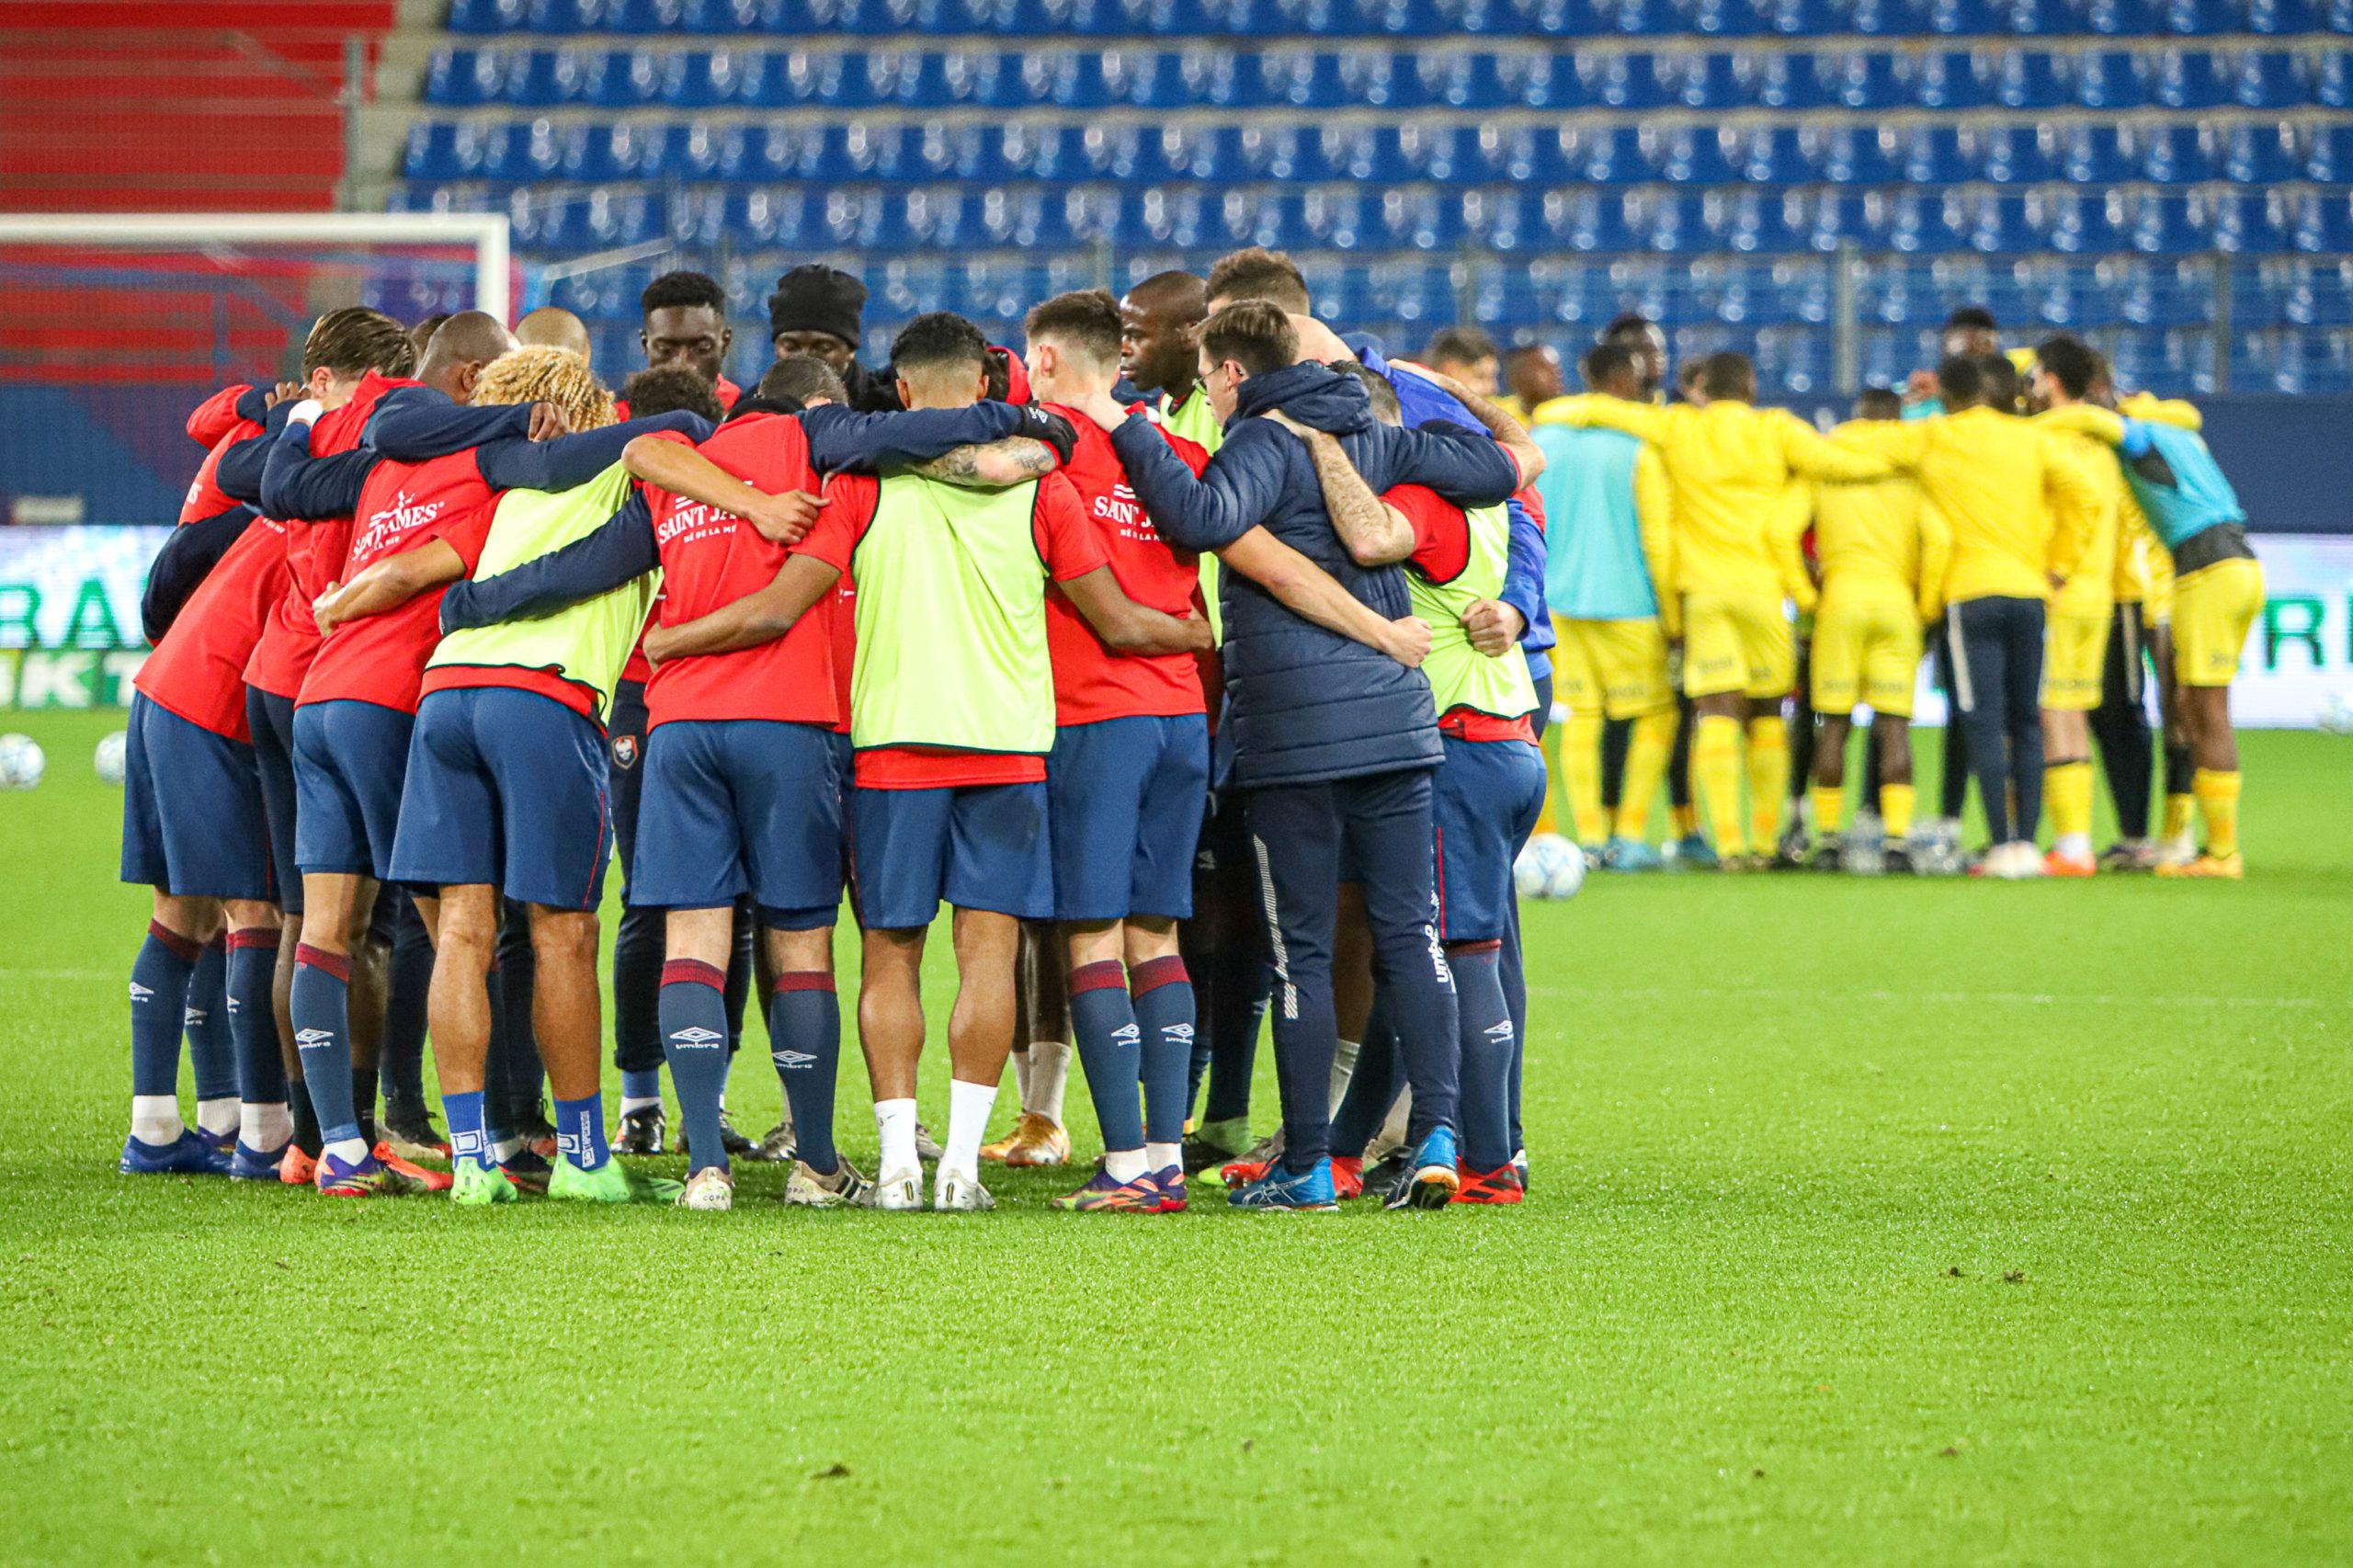 Caen – Clermont : les compositions d'équipes probables selon la presse